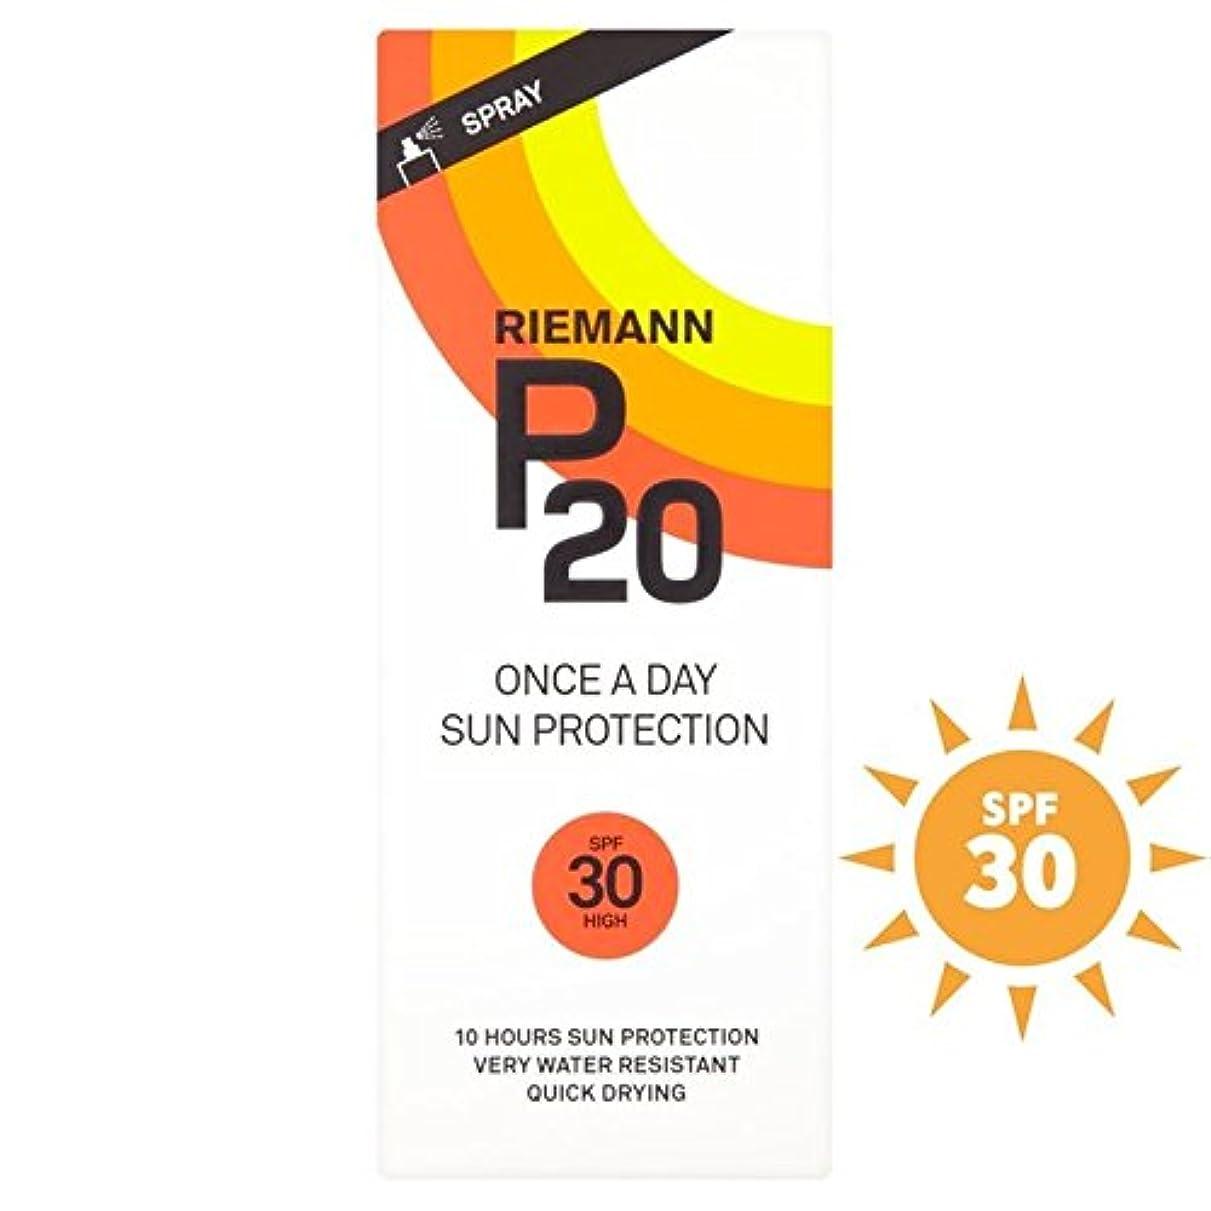 最後のシチリアインフルエンザRiemann P20 SPF30 1 Day/10 Hour Protection 200ml - リーマン20 30 1日/ 10時間の保護200ミリリットル [並行輸入品]